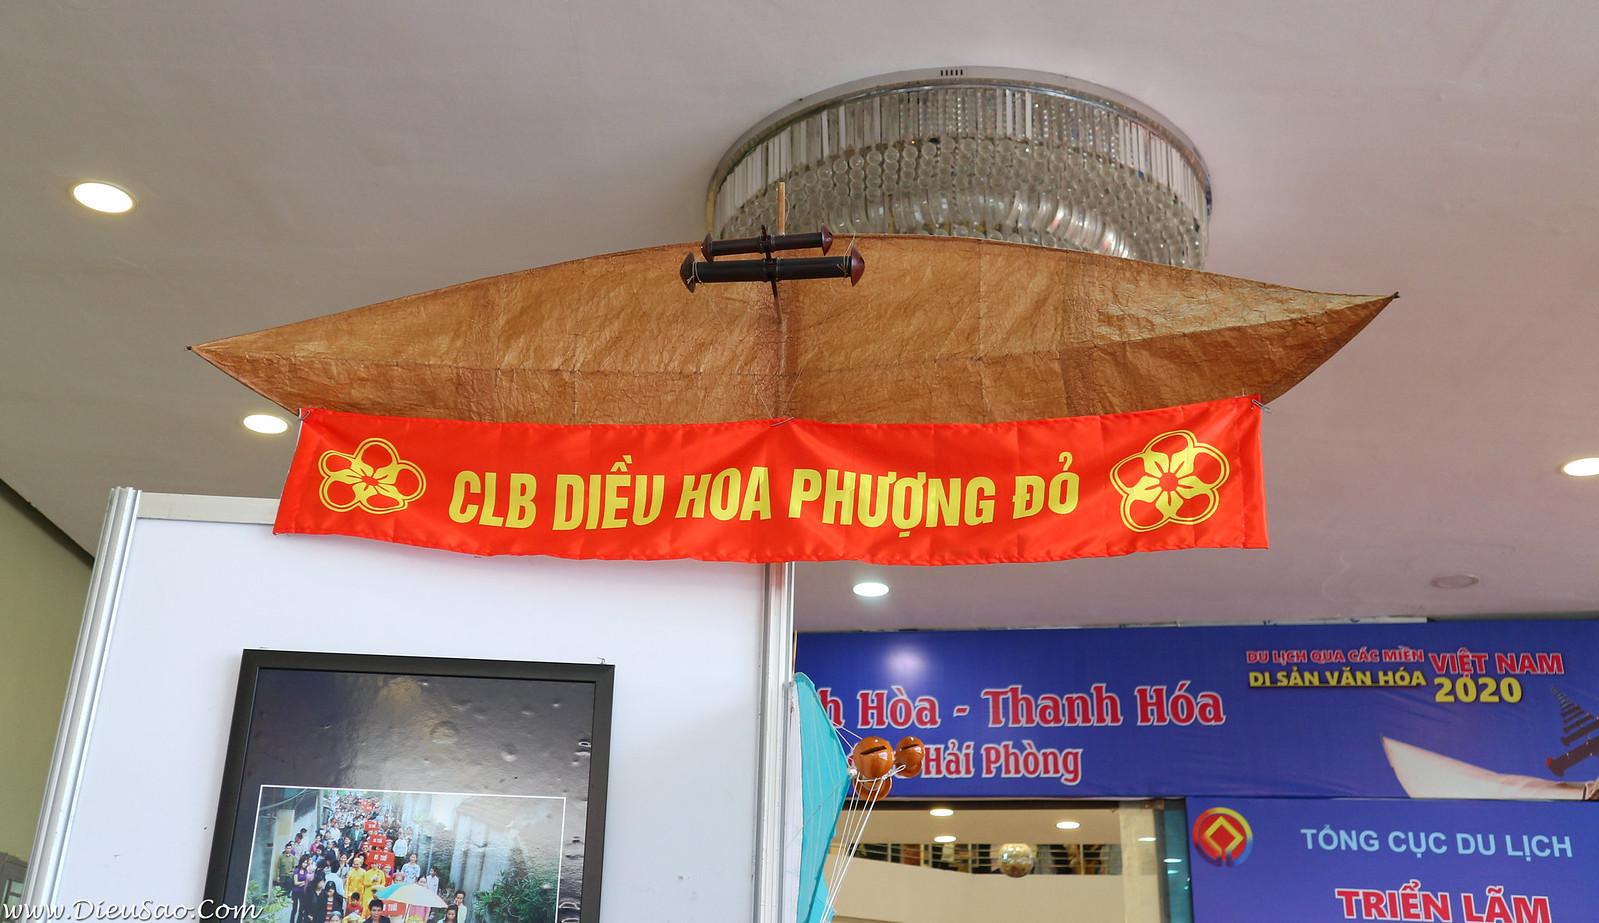 CLB Dieu Hoa Phuong Do tai Trien lam canh dieu di san